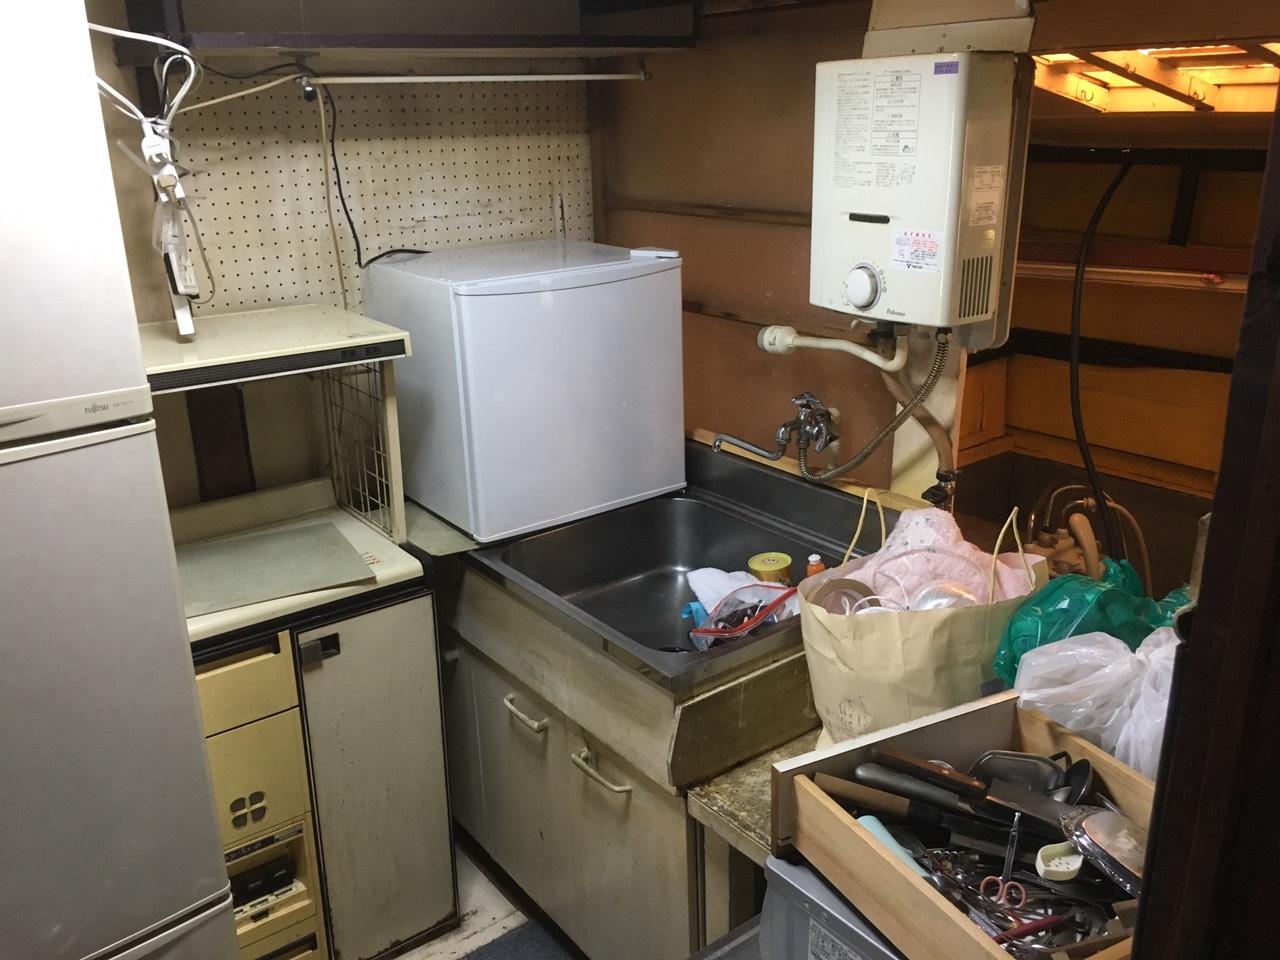 【愛知県名古屋市東区】キッチン周りの不用品回収